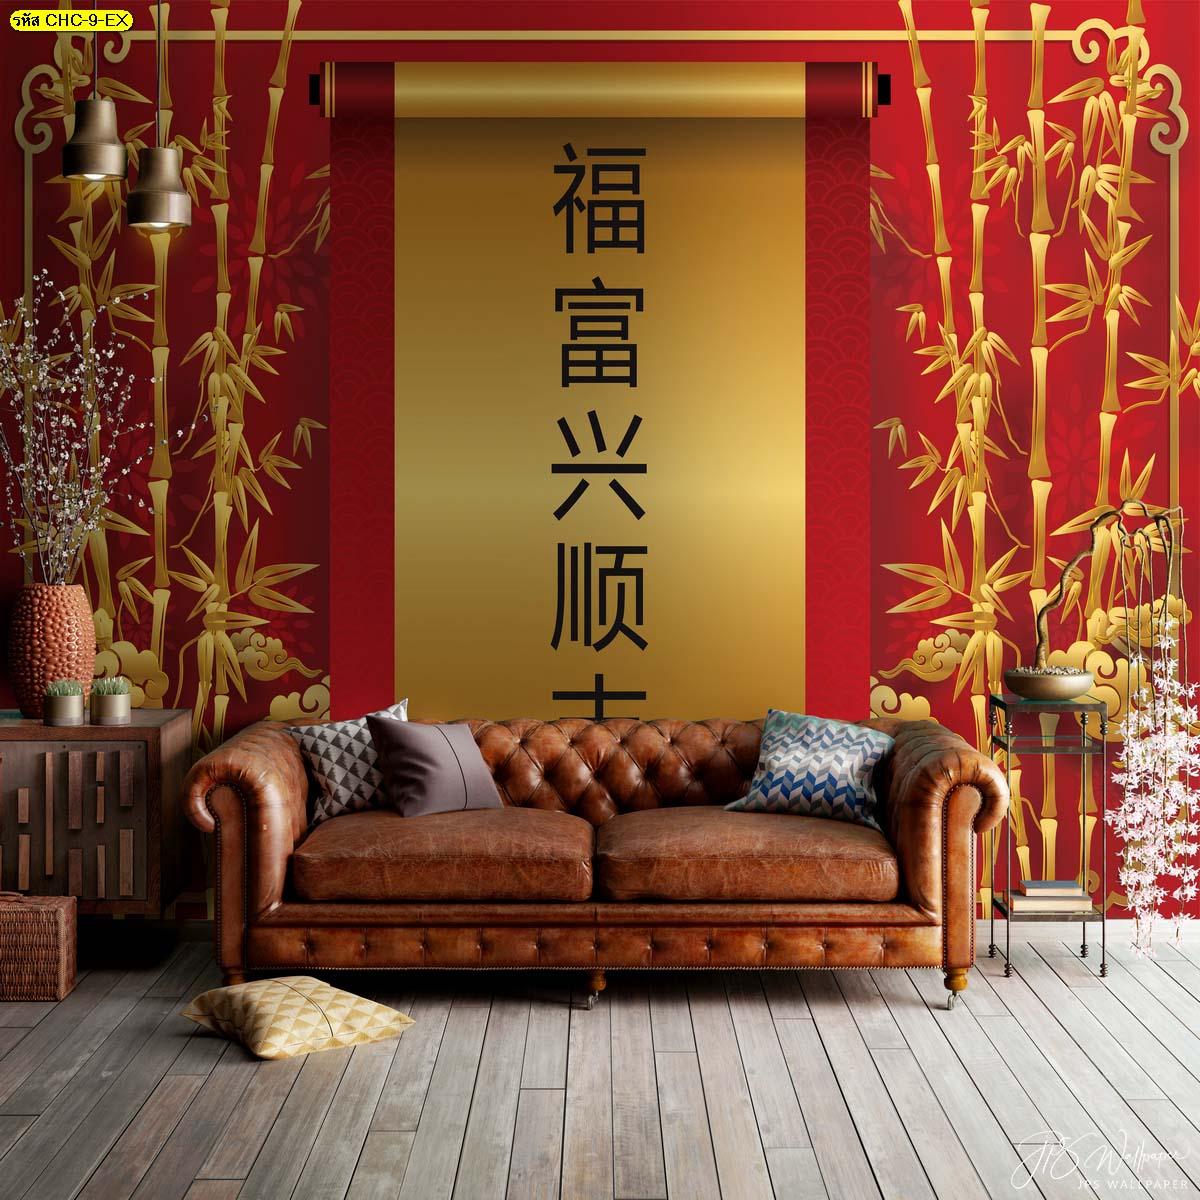 ภาพติดผนังลายจีนมงคล สั่งทำฉากหลังห้องนั่งเล่นสไตล์จีน ภาพสั่งพิมพ์จีนมงคล